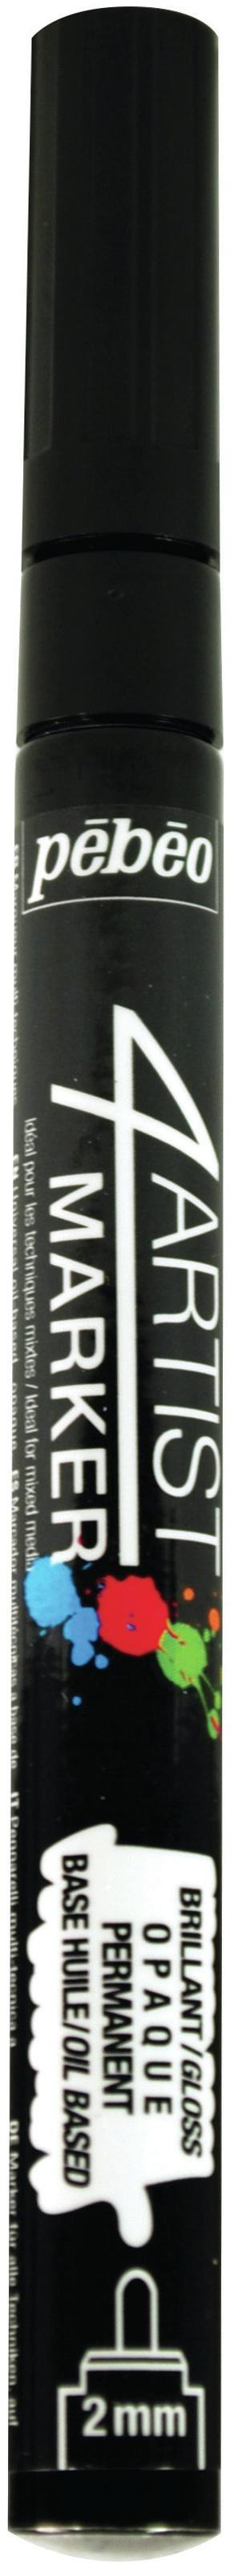 Pebeo Marker Fine Tip 2mm Black